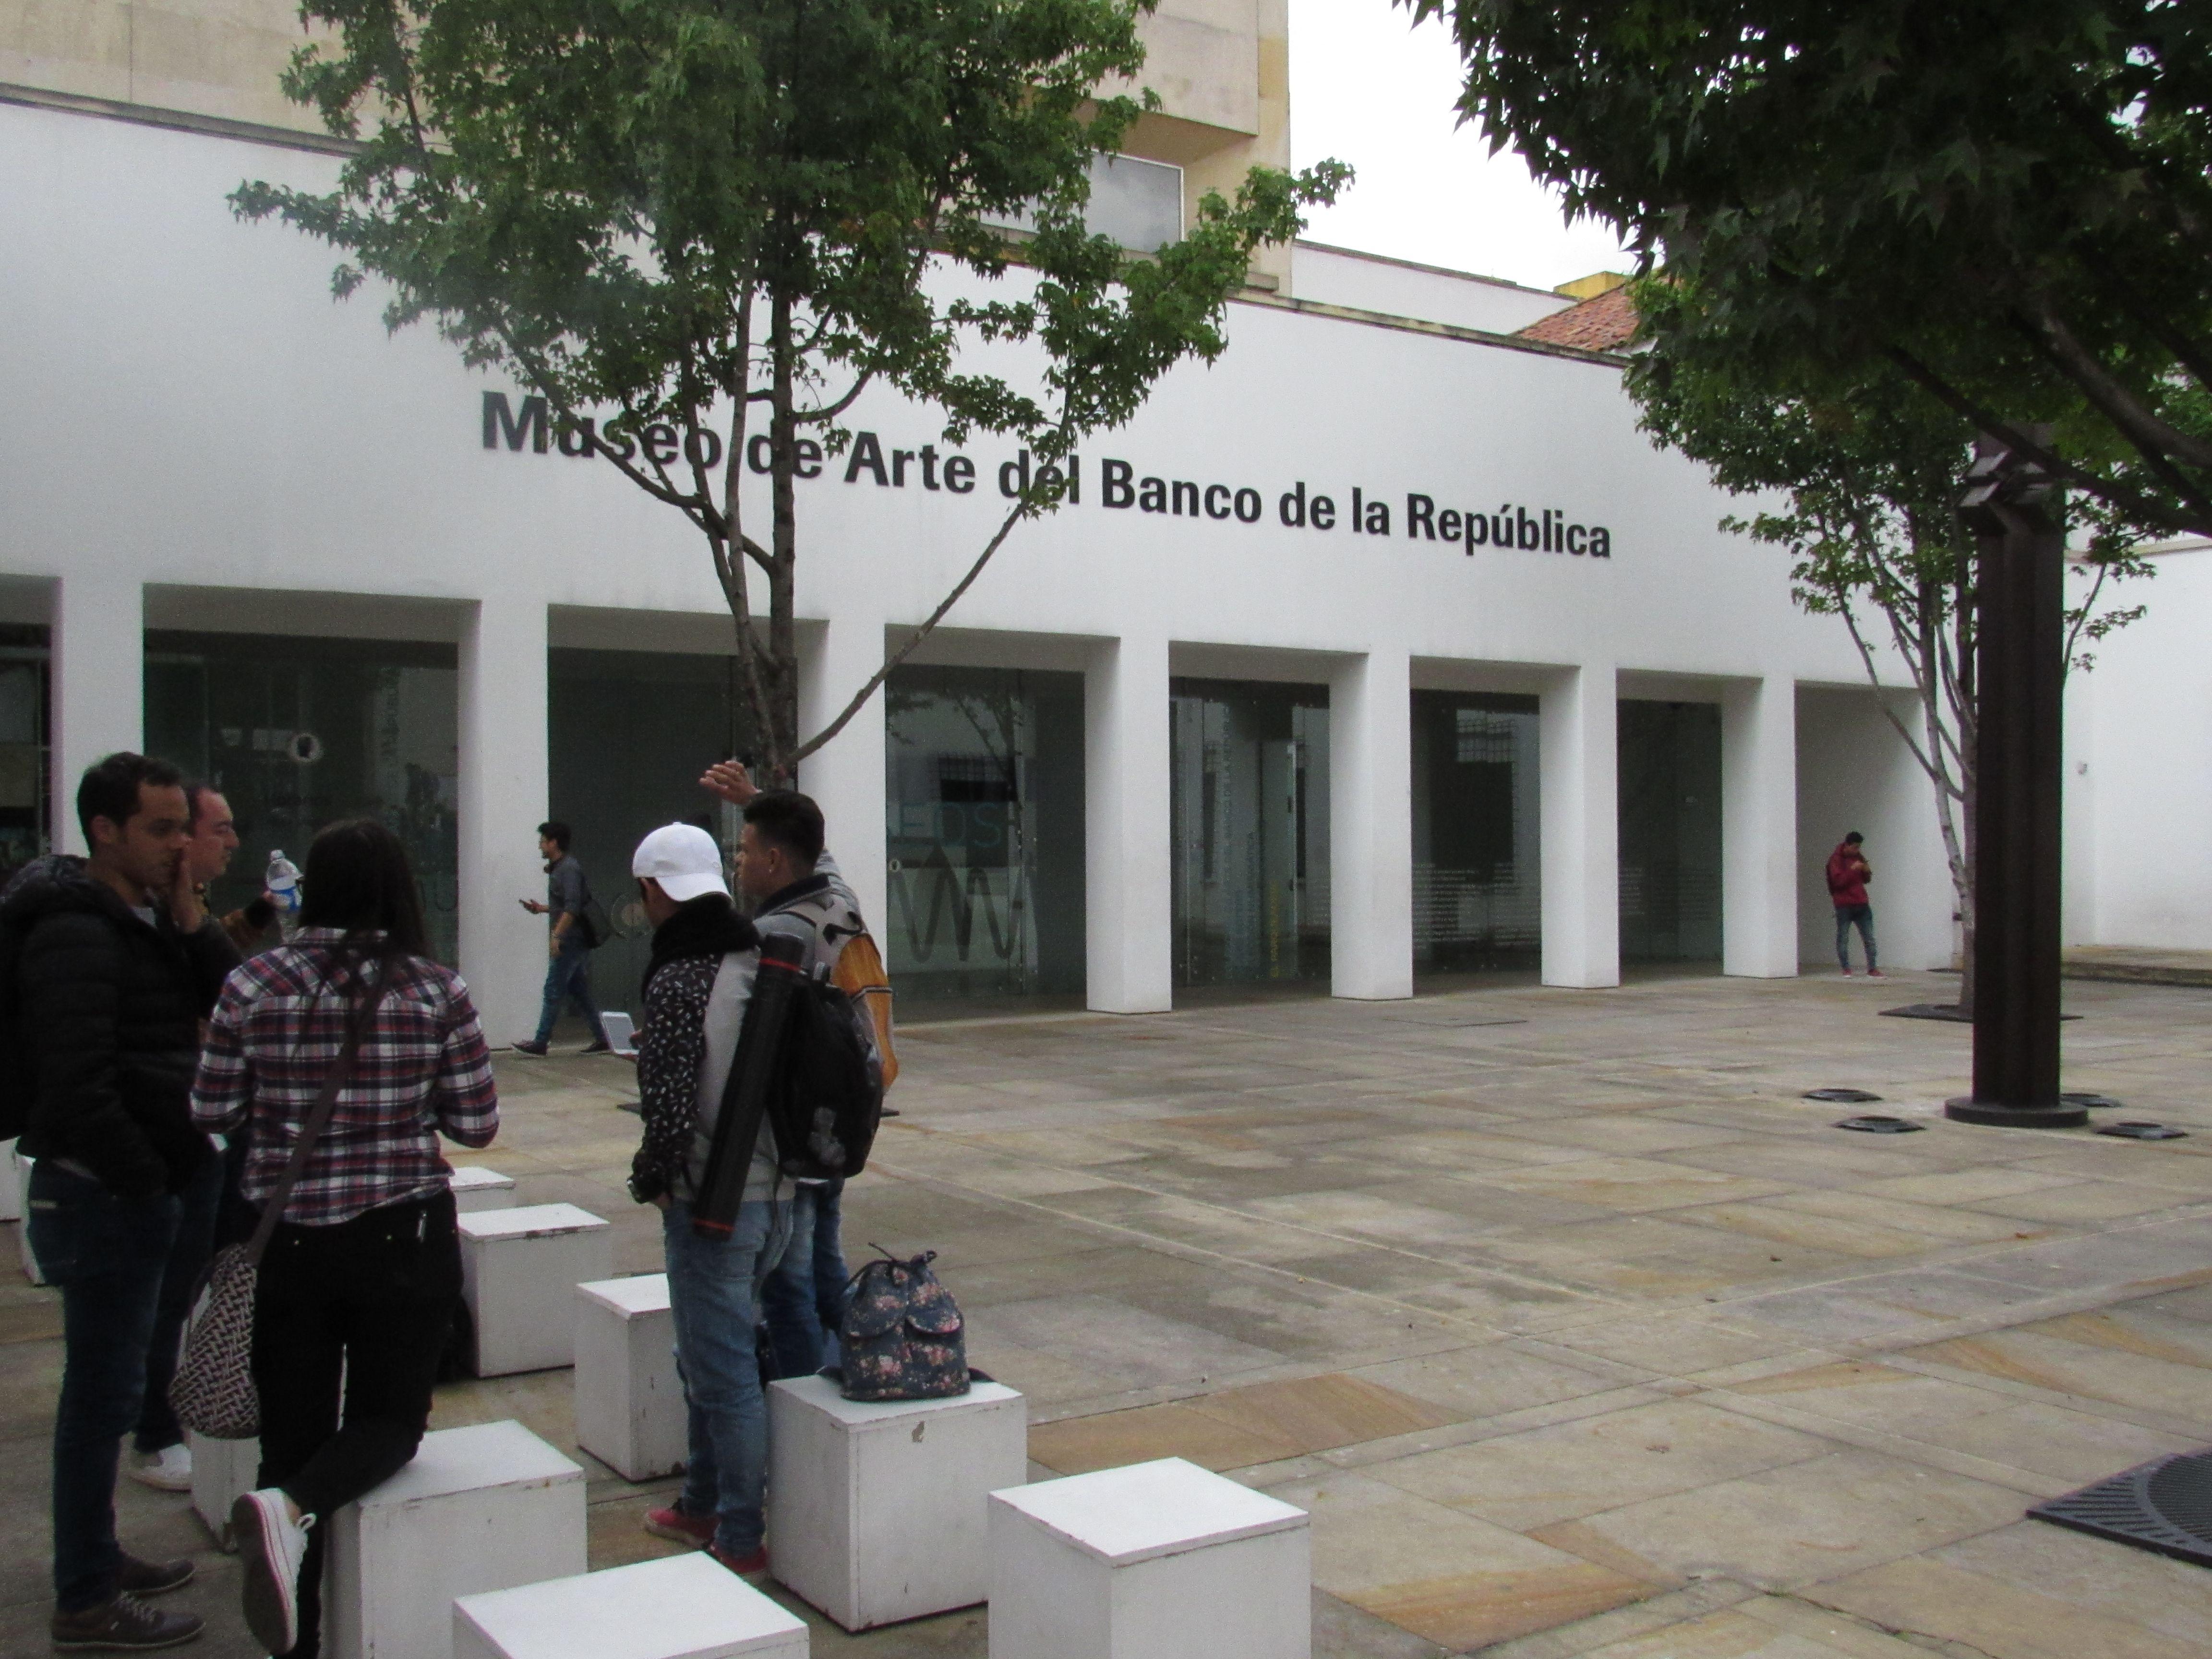 foto tomada en el museo de arte del banco de la recpublica por Dario Wilches